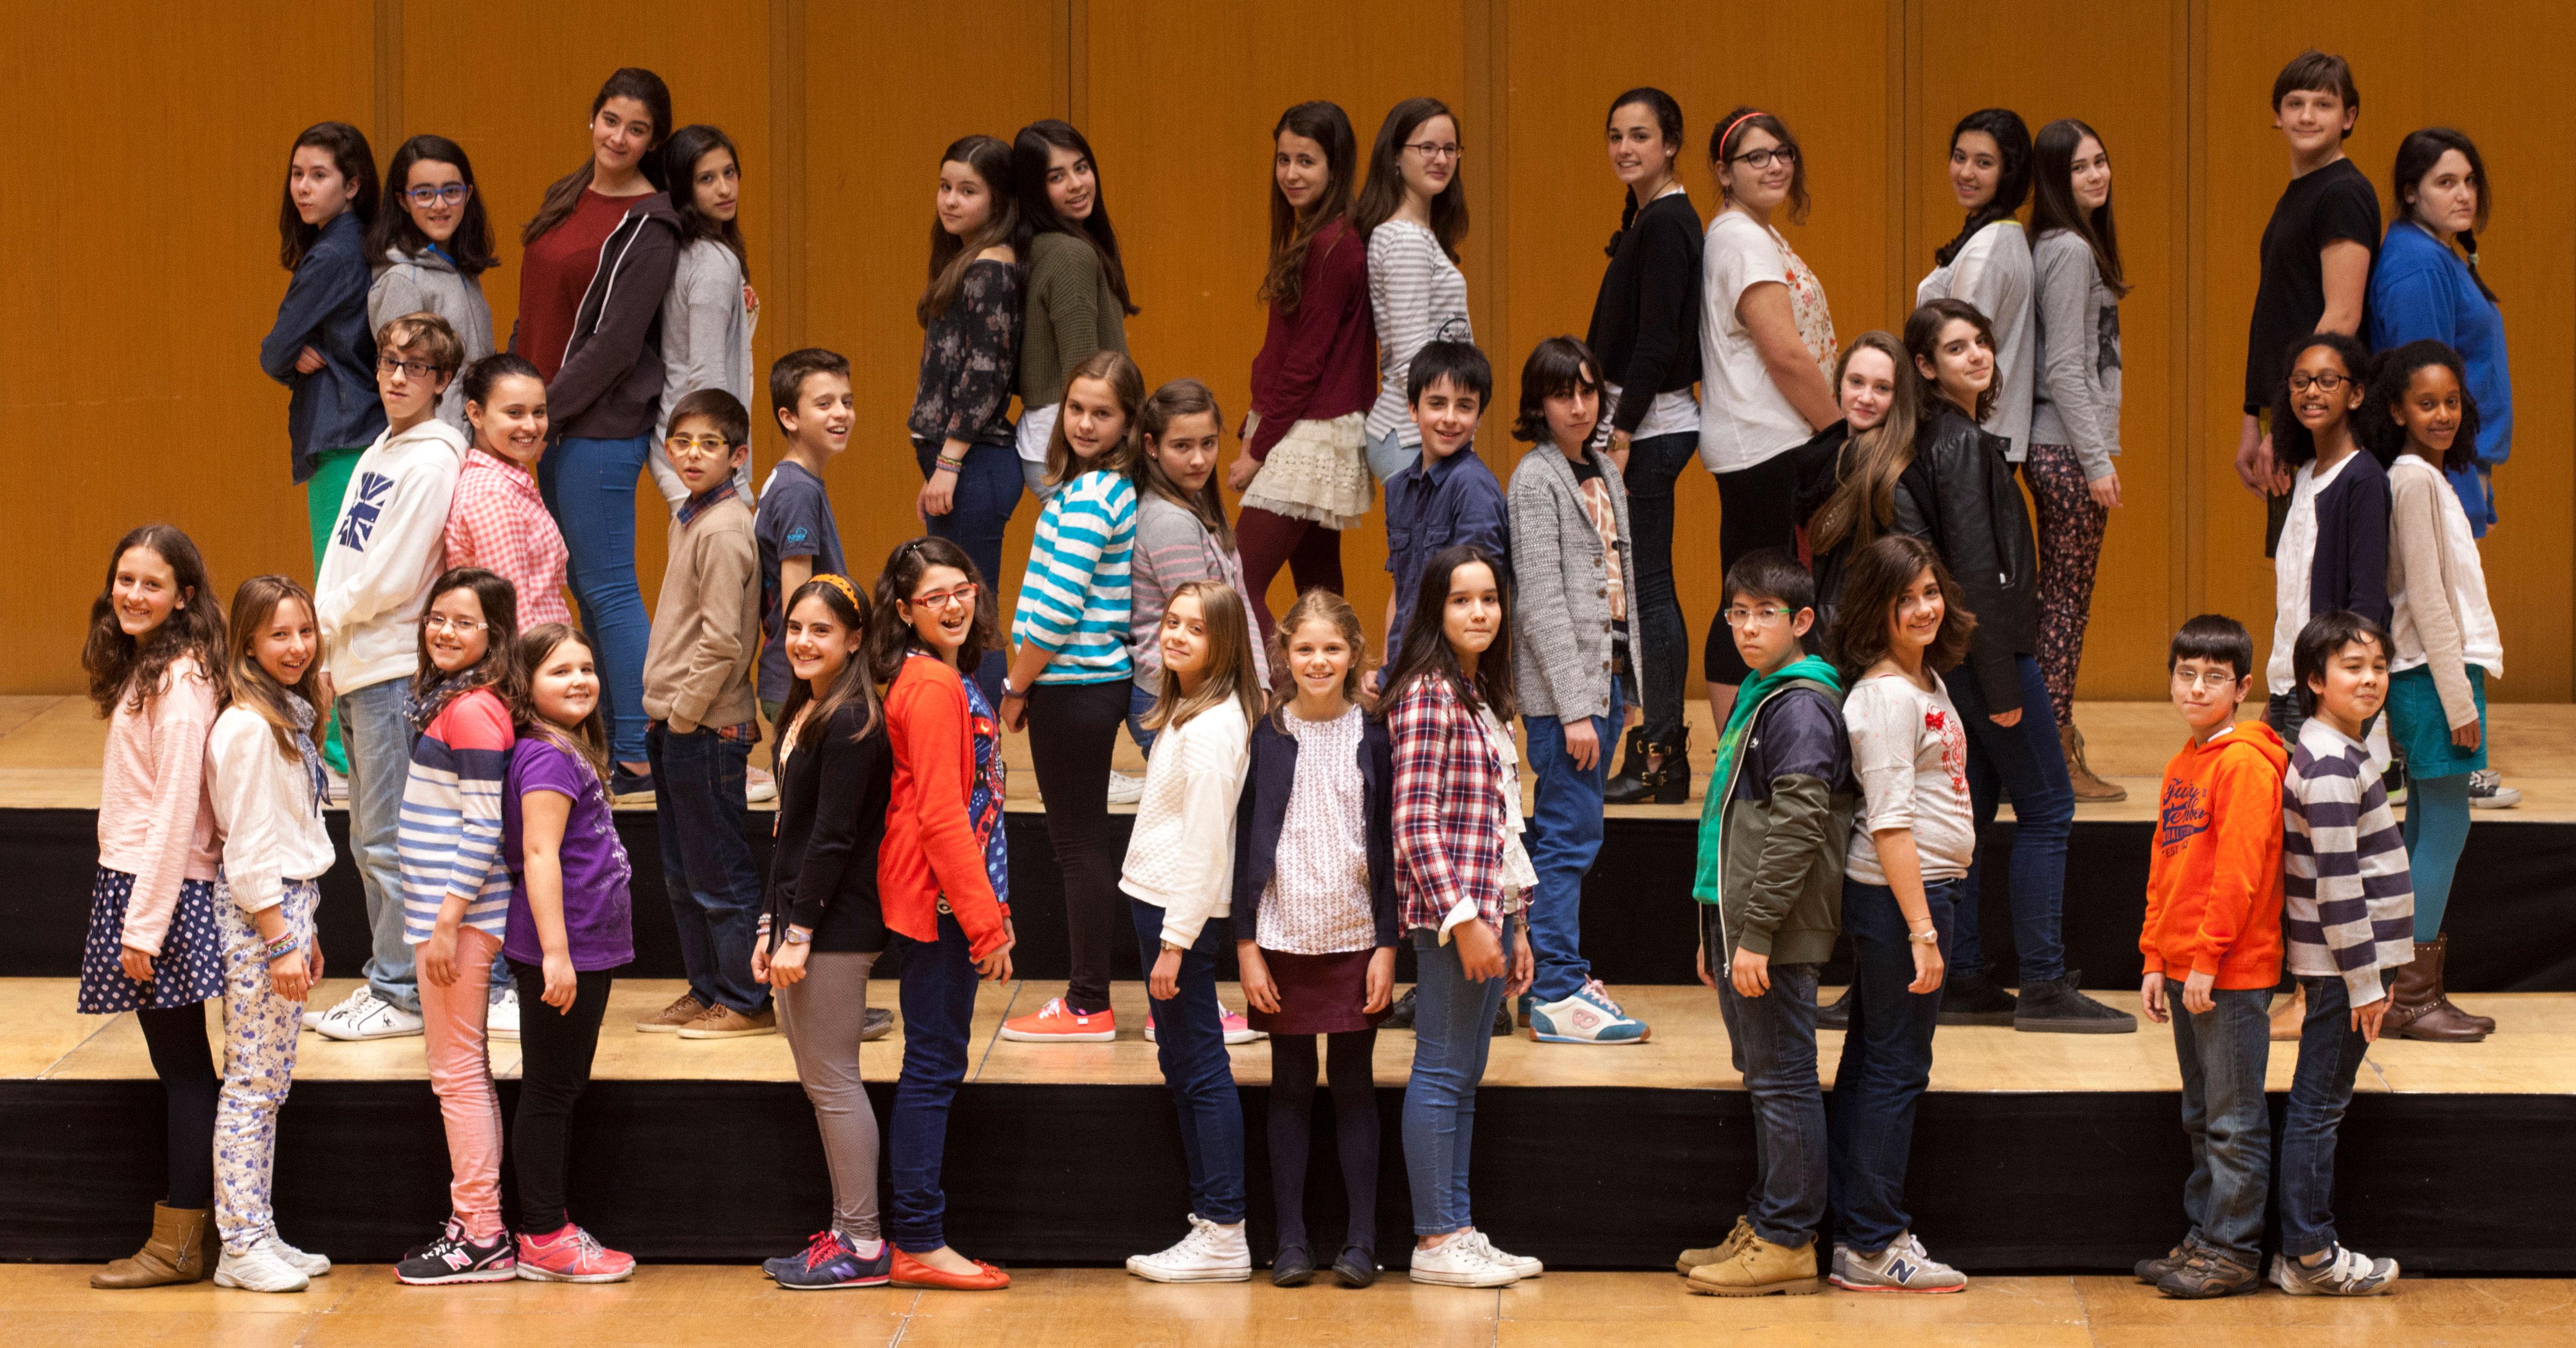 Los Niños Cantores de la Sinfónica de Galicia cantan con Amancio Prada en la catedral de Santiago